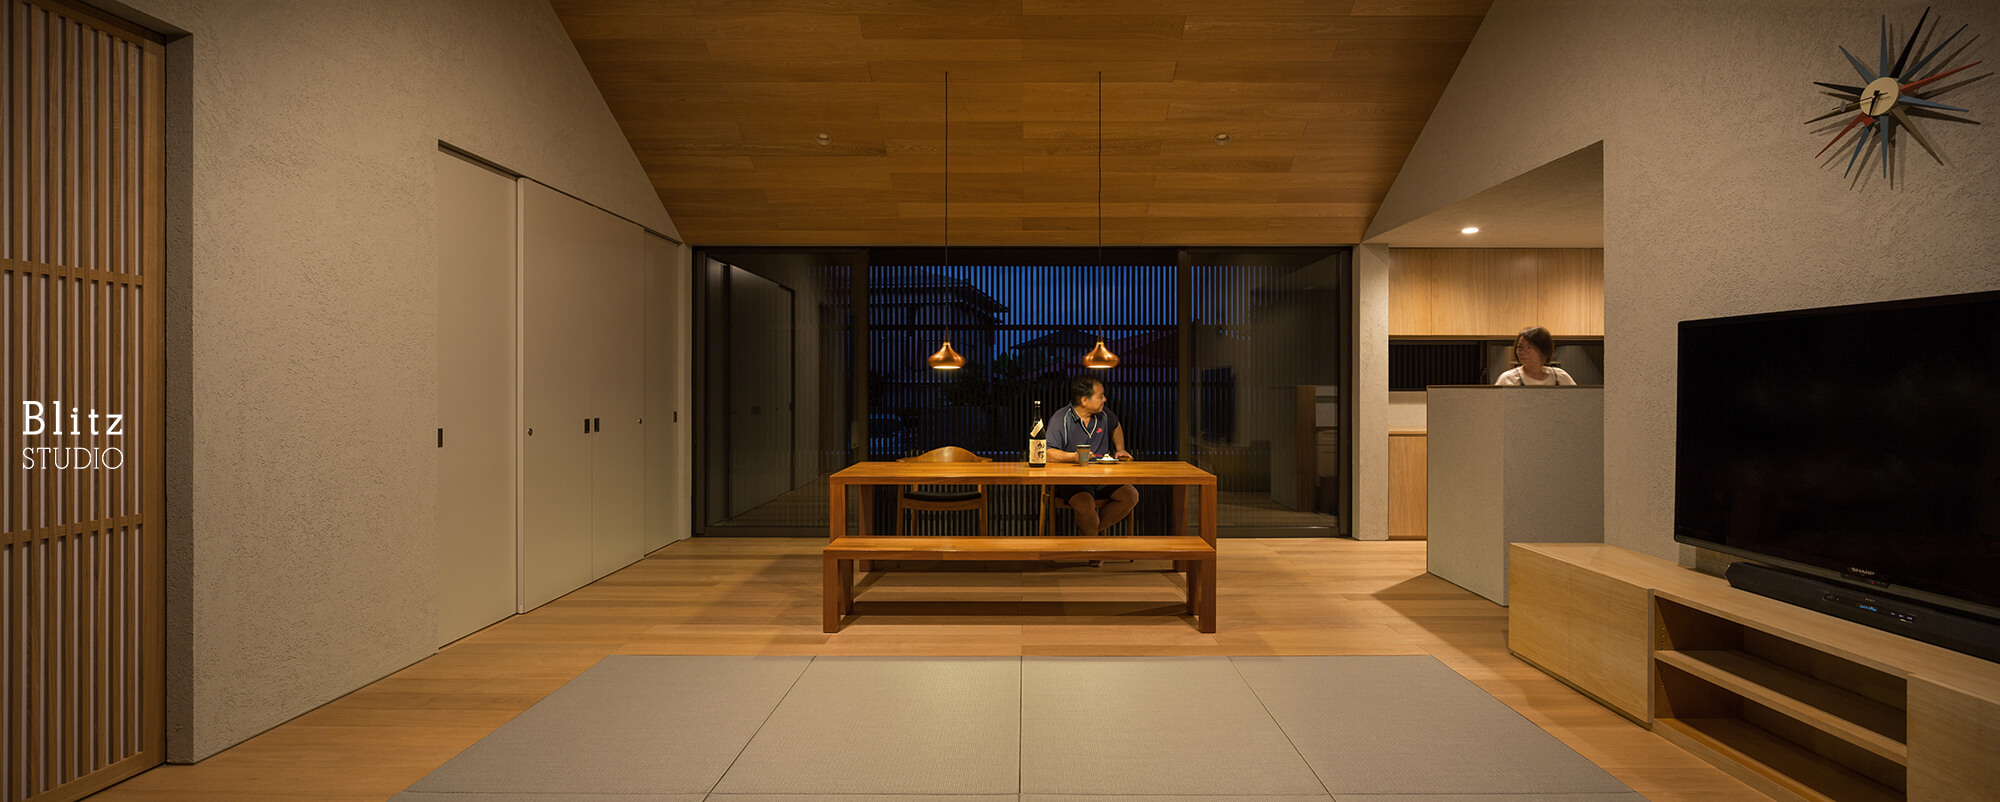 『青庵』建築写真・竣工写真・インテリア写真12